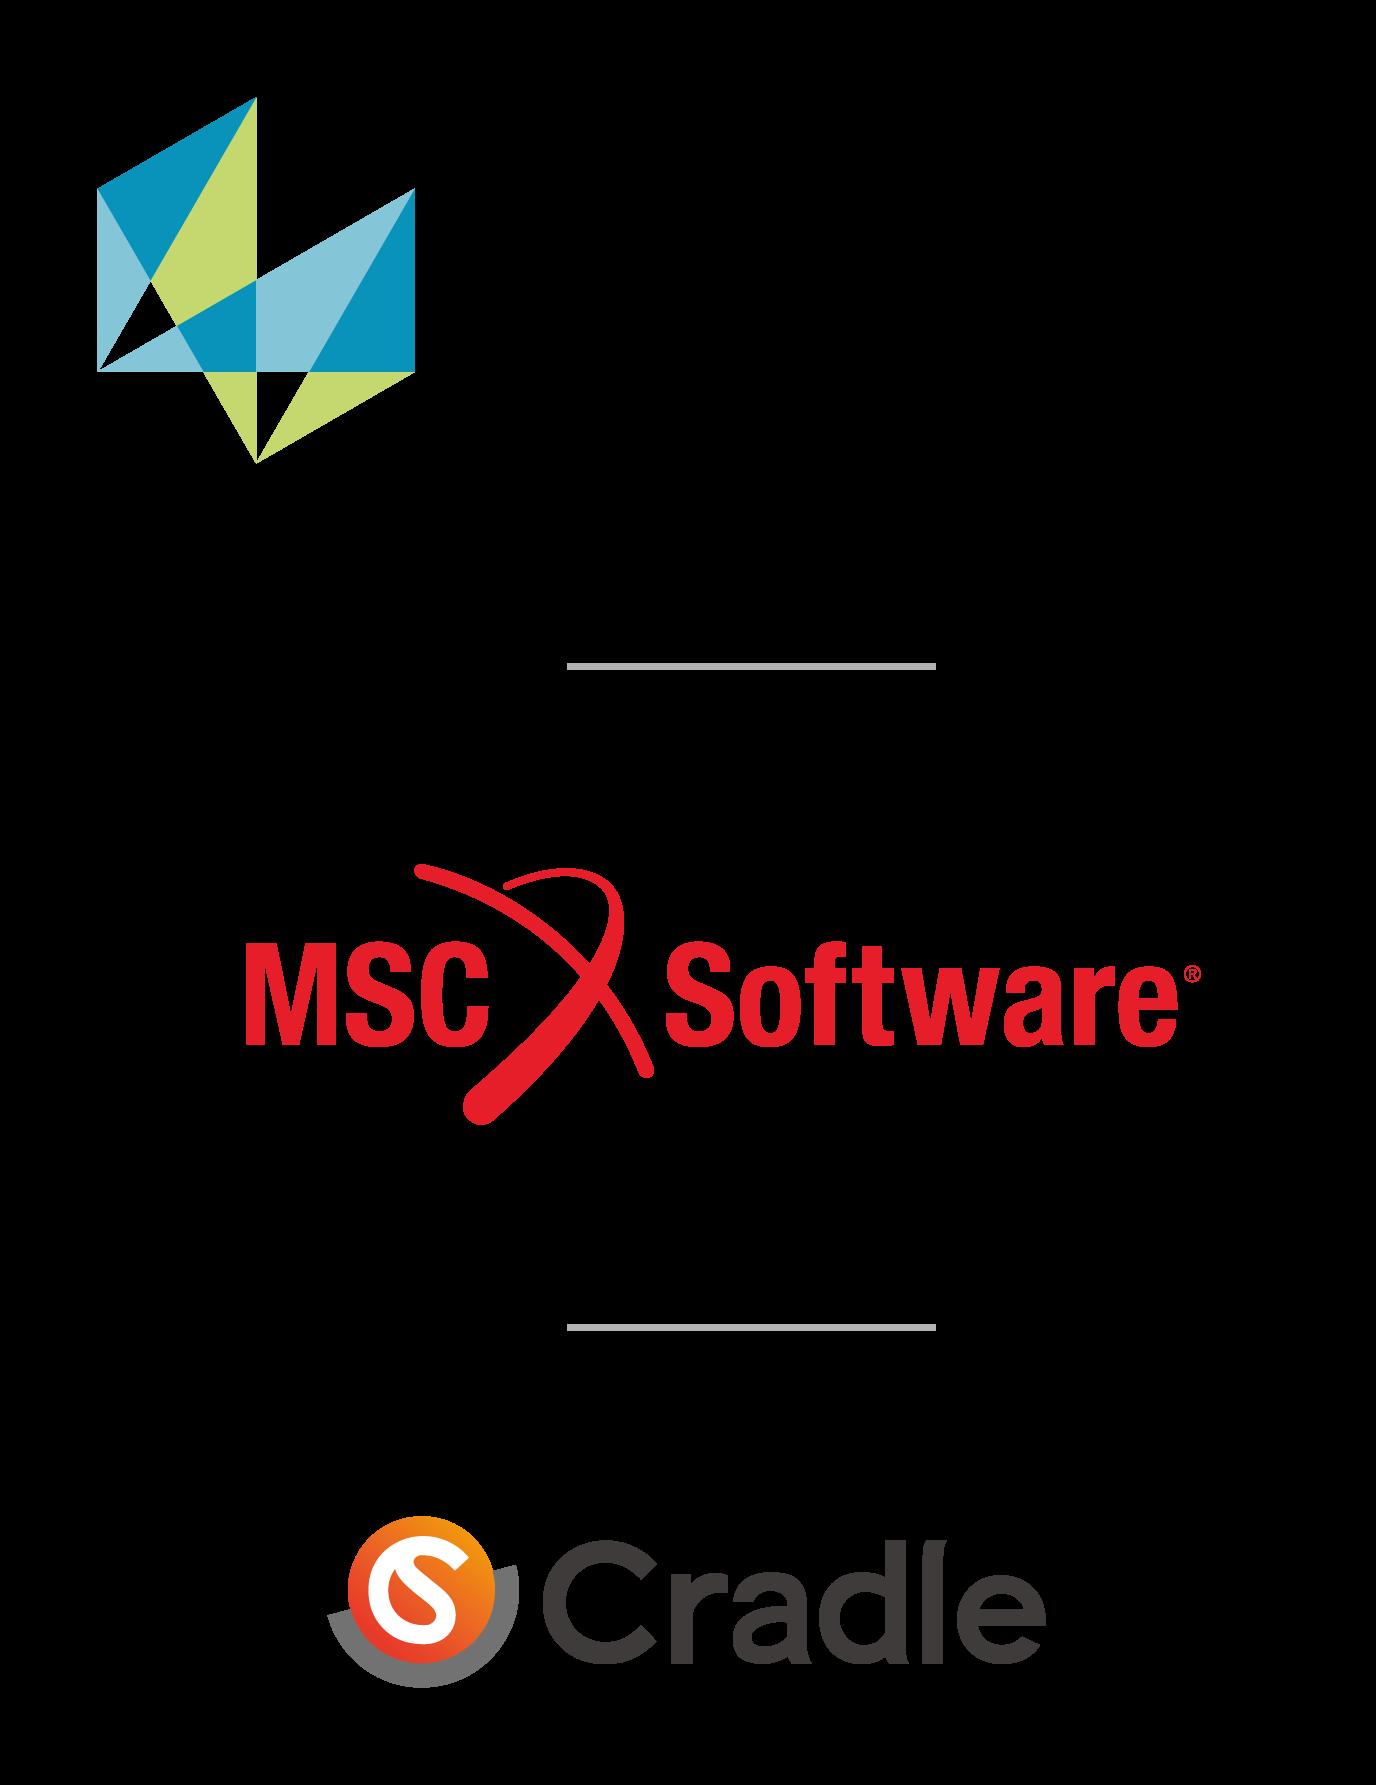 Hexagon | MSC Software | Cradle